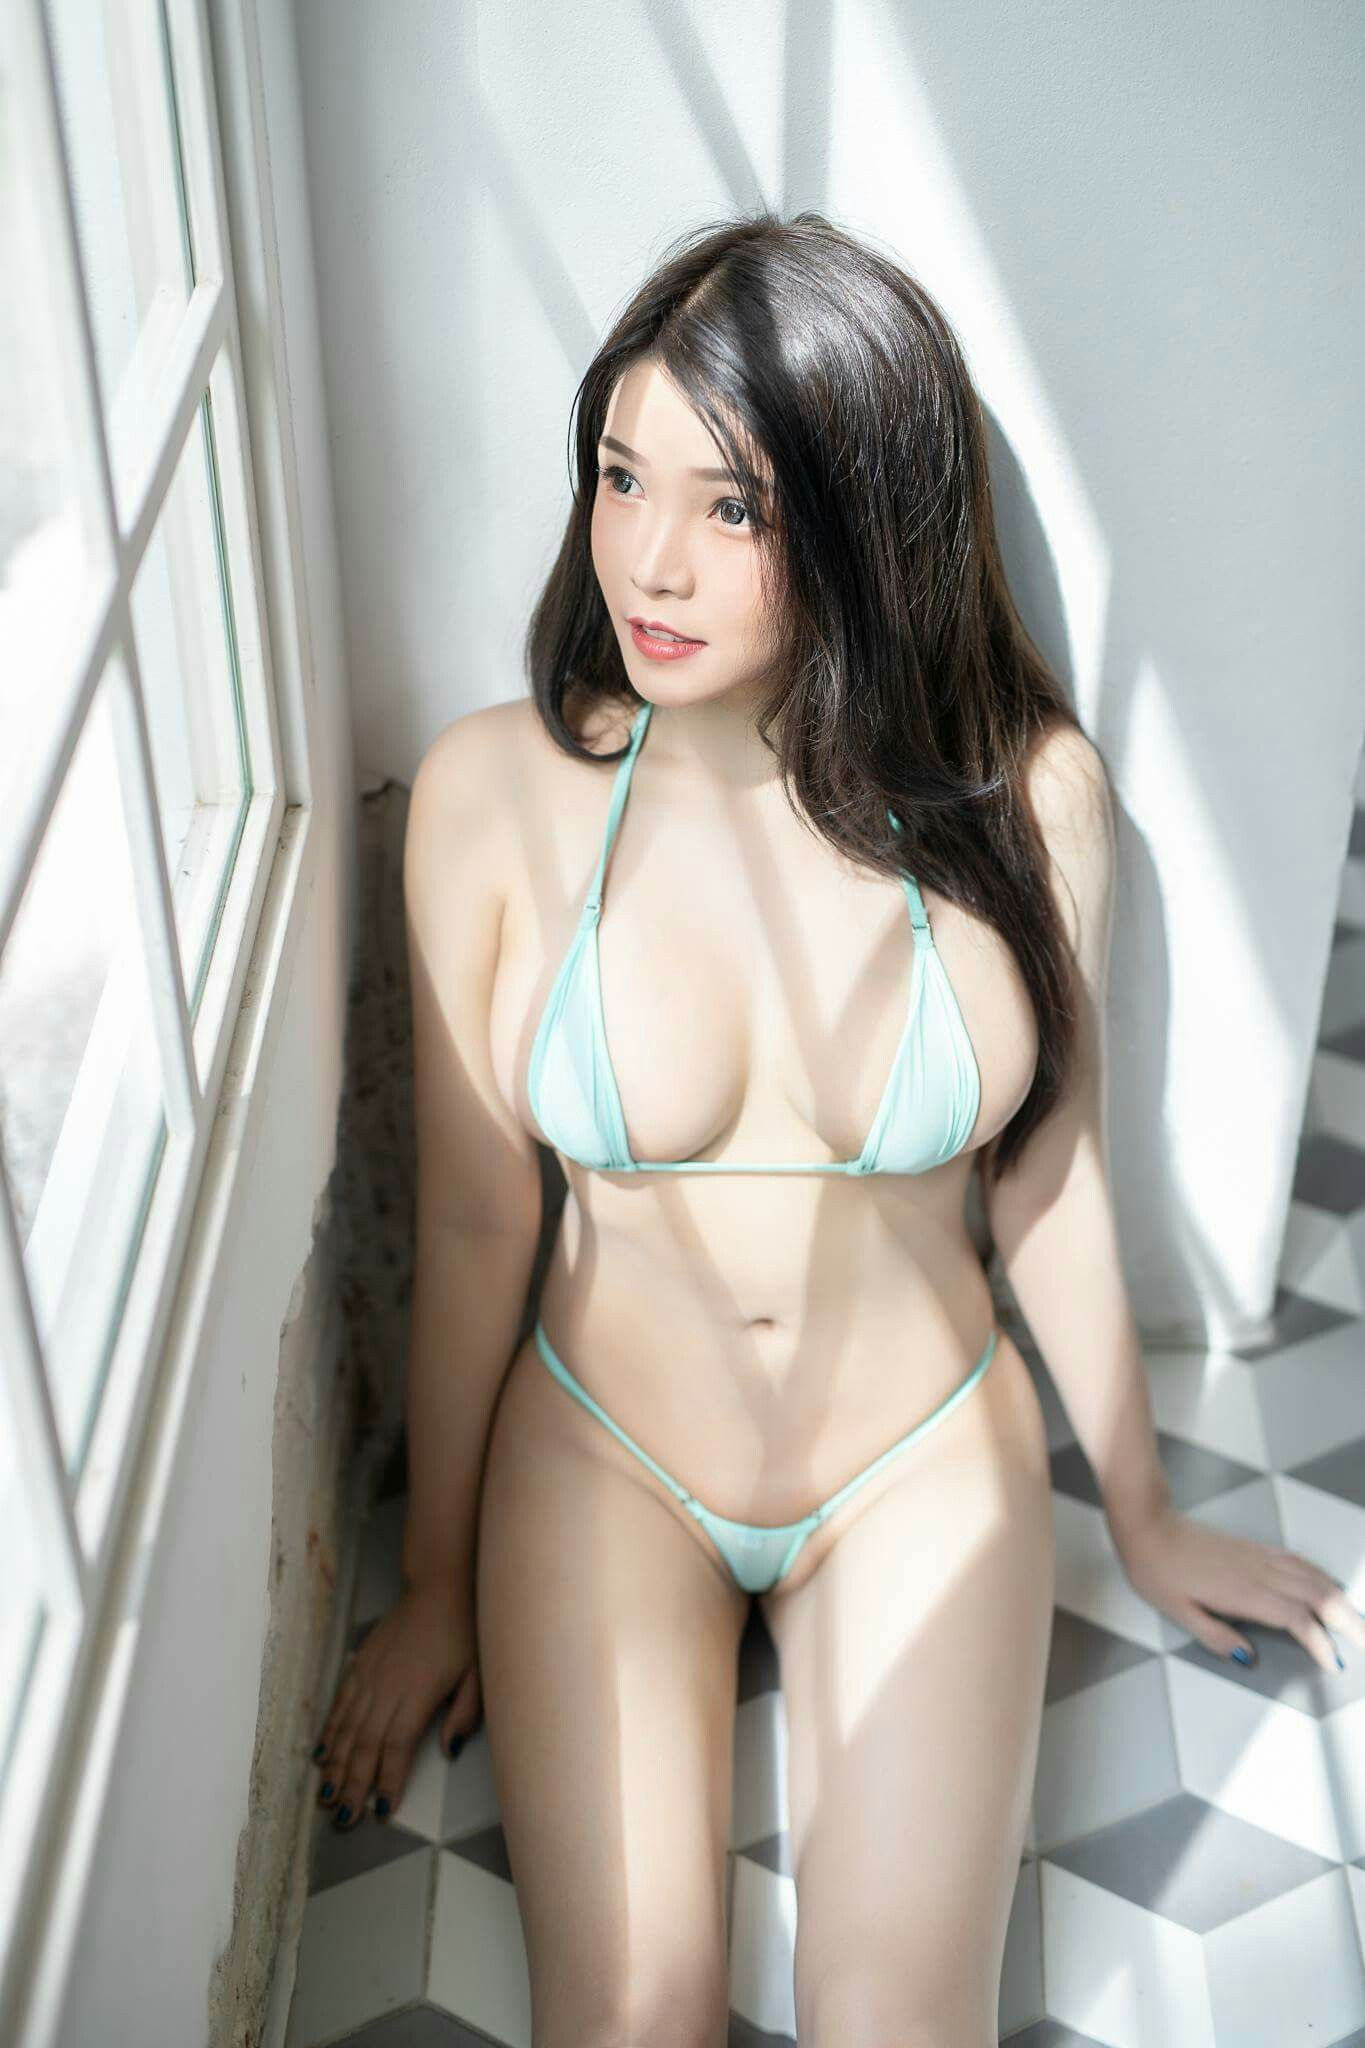 Girl fat sexxy asian women